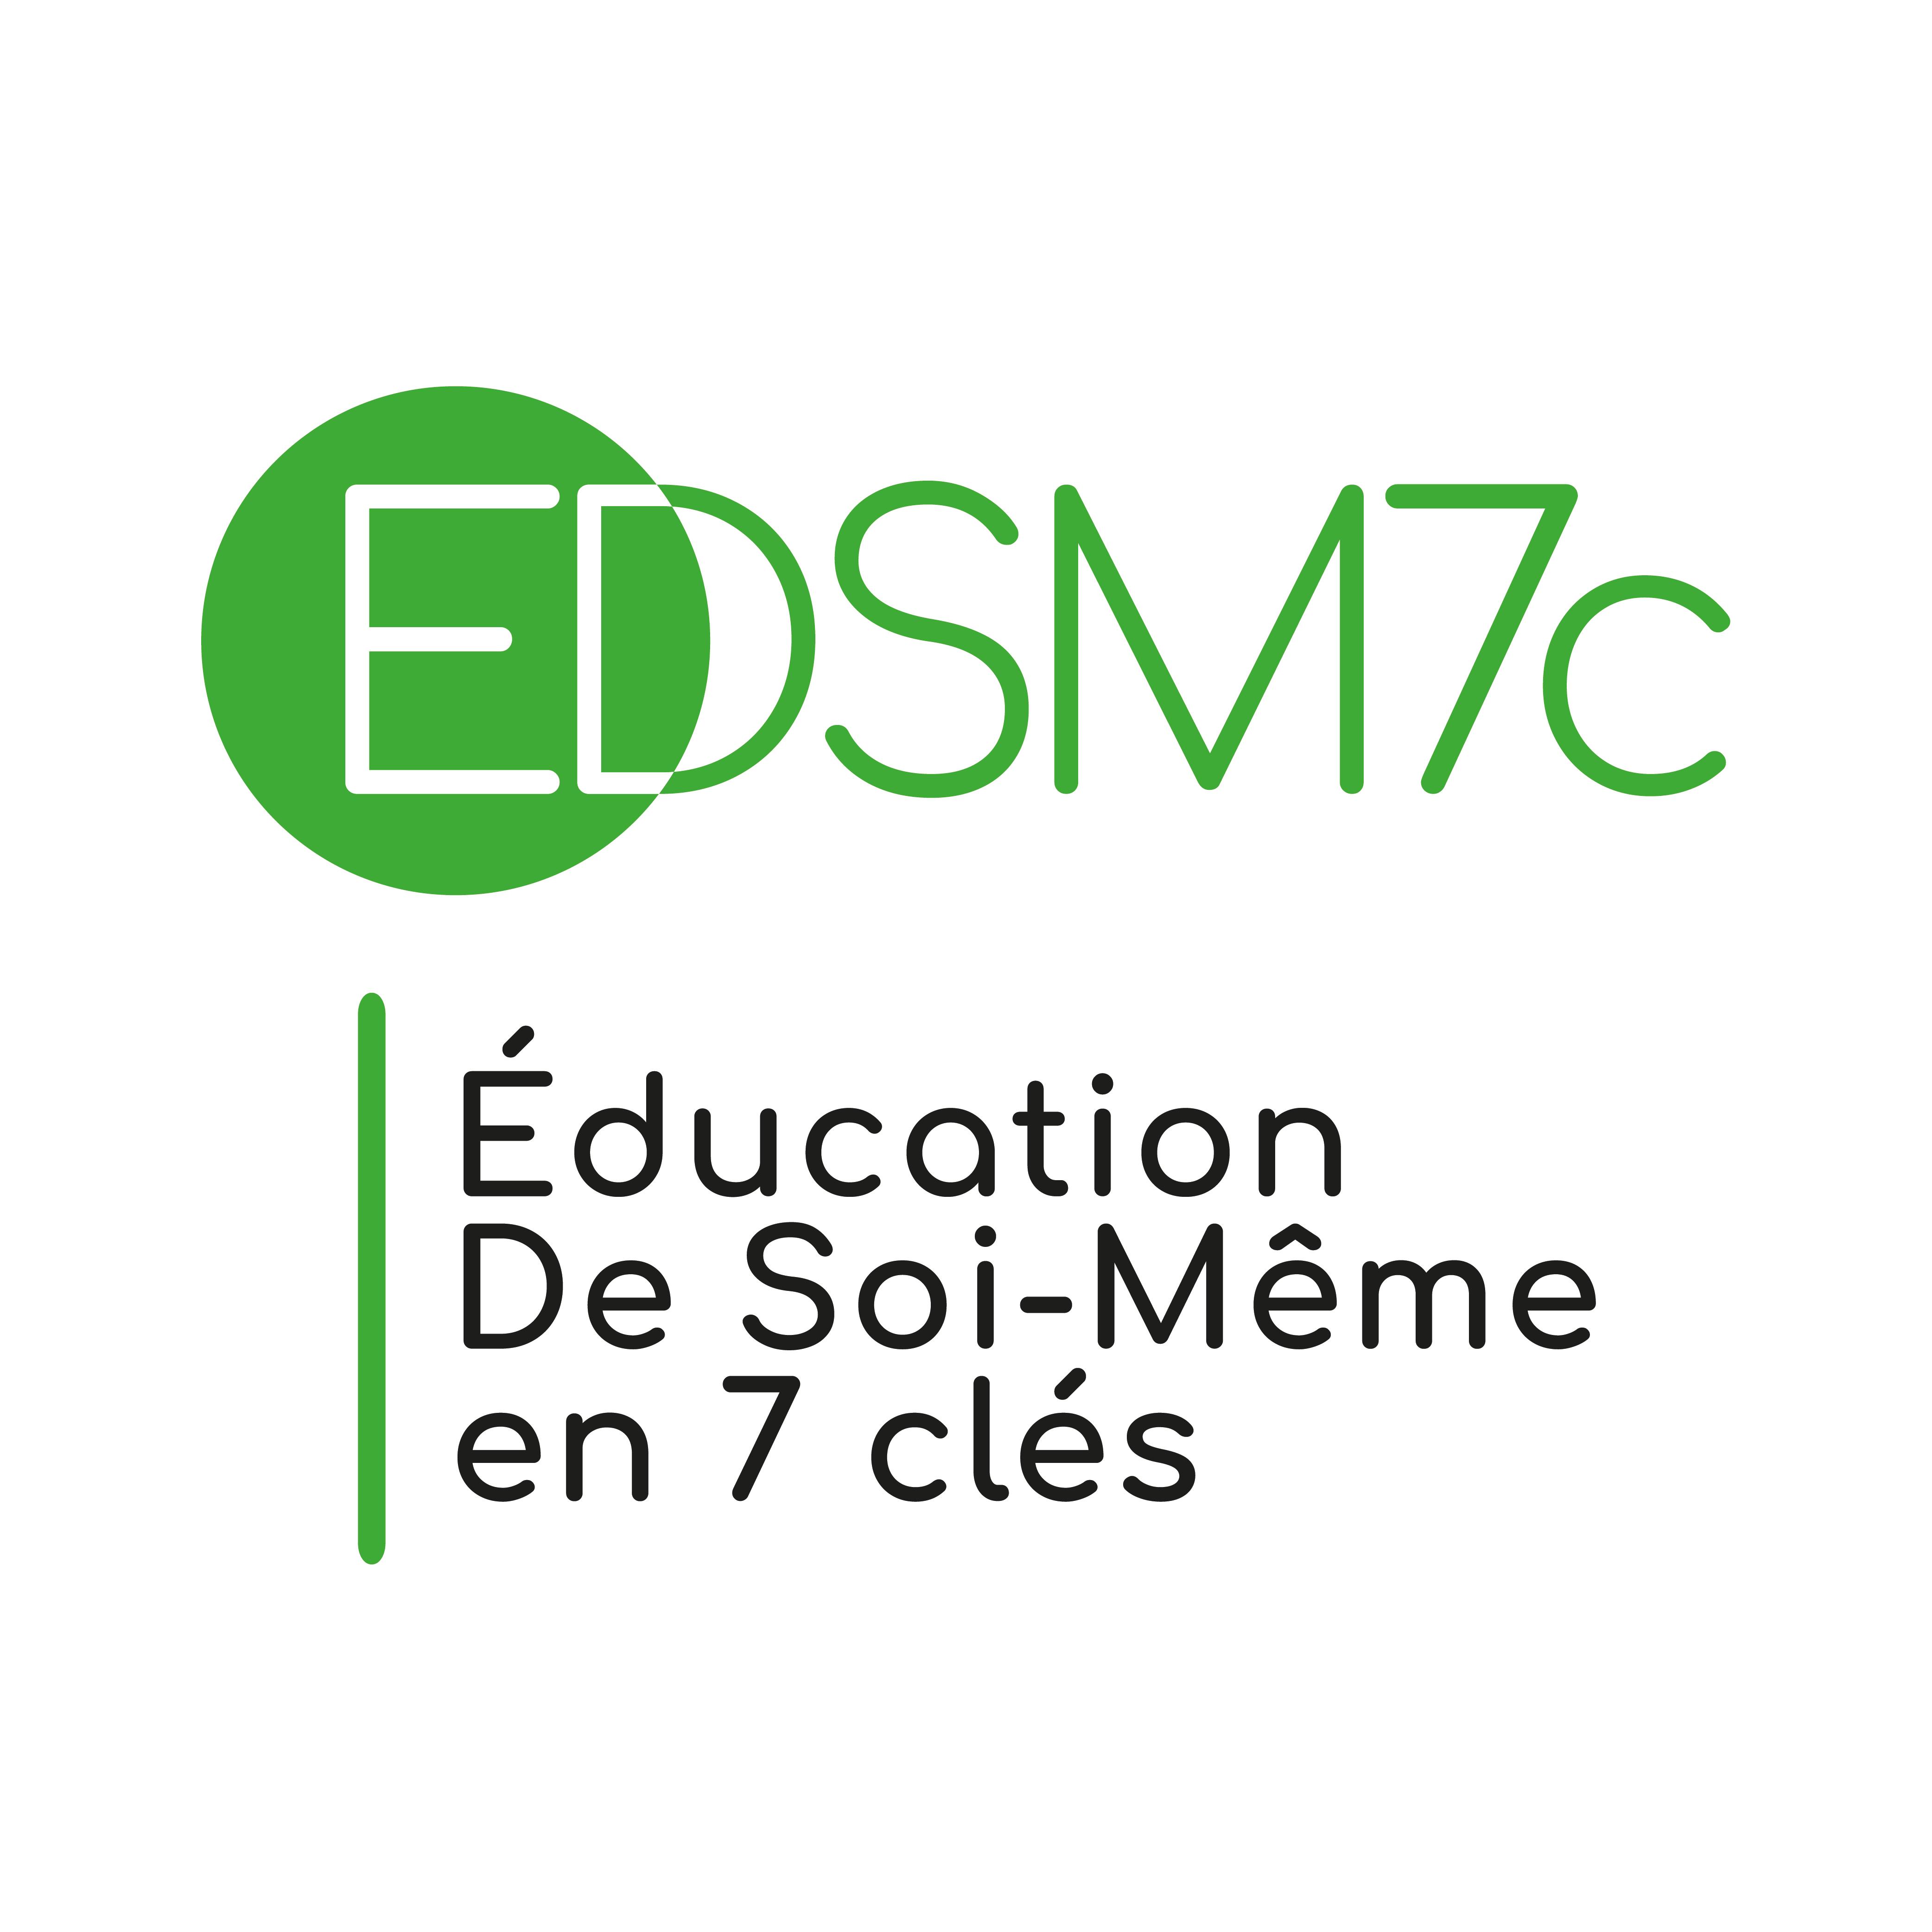 EDSM7C